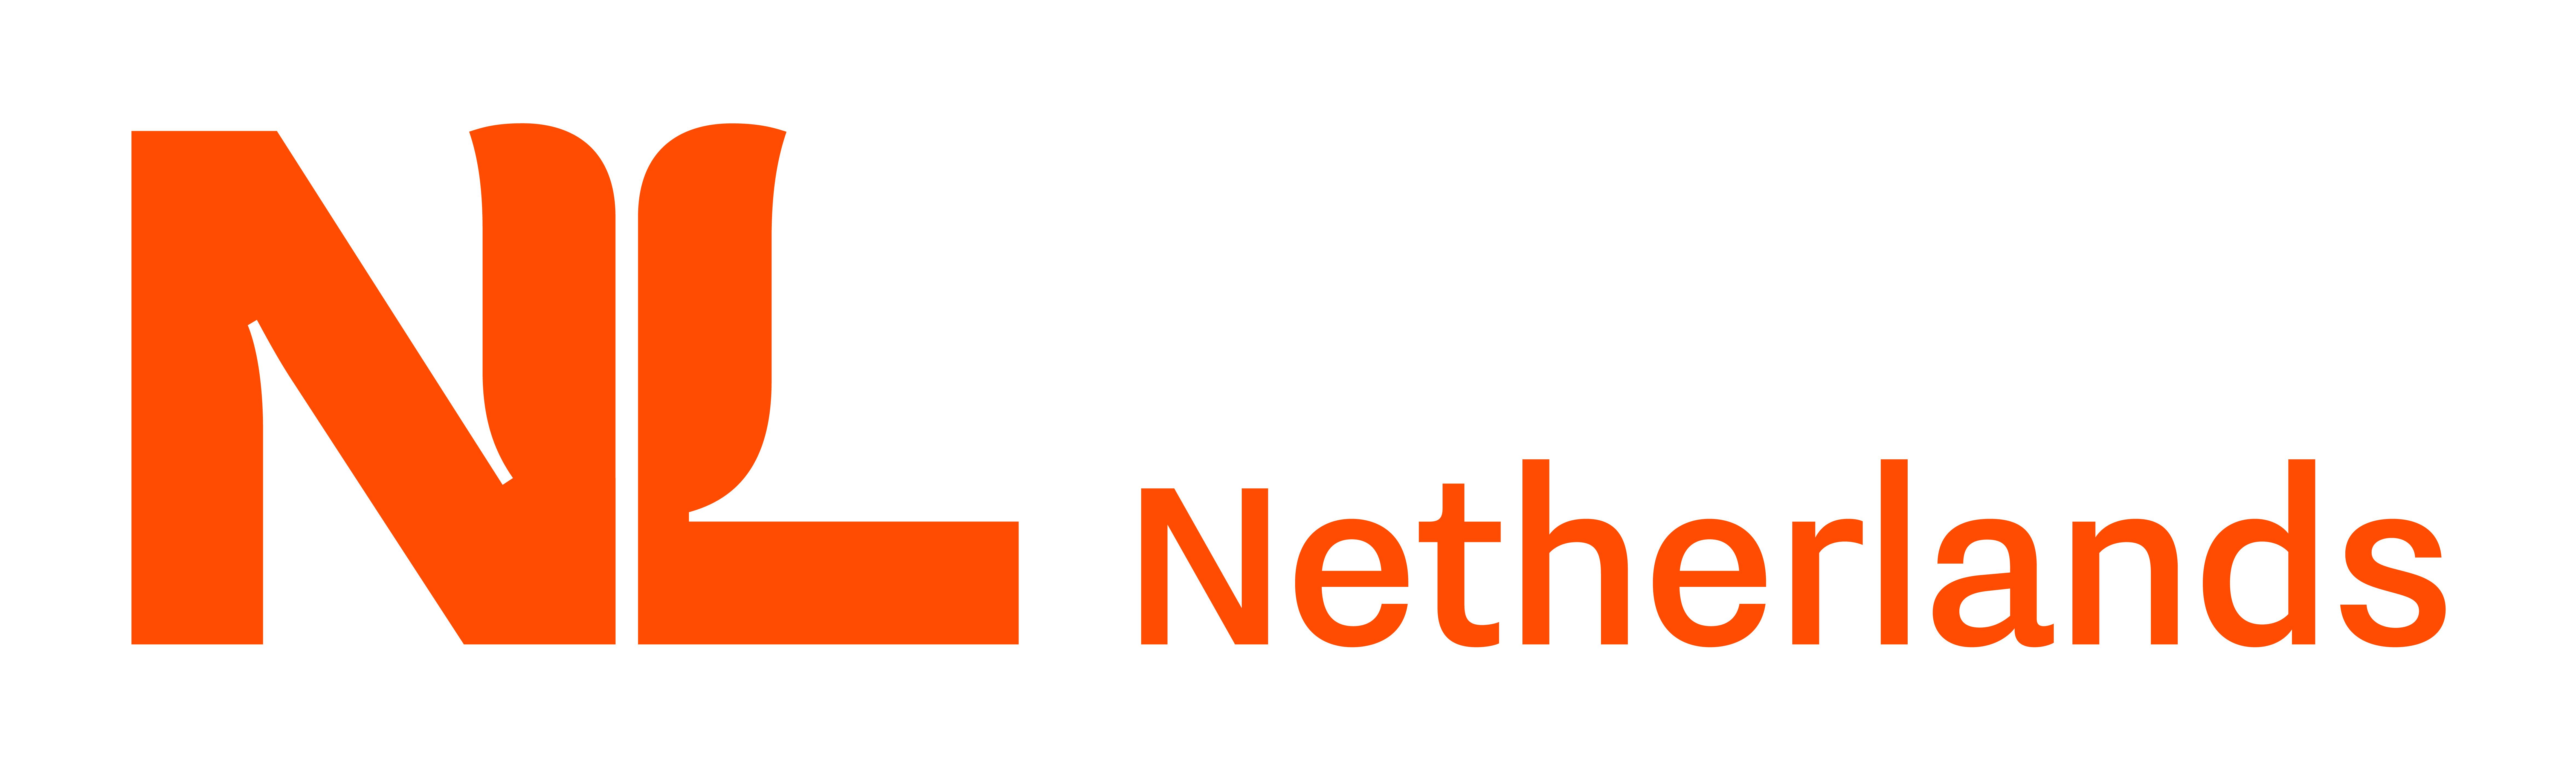 NL_Branding_Netherlands_01_CMYK_FC_1200D